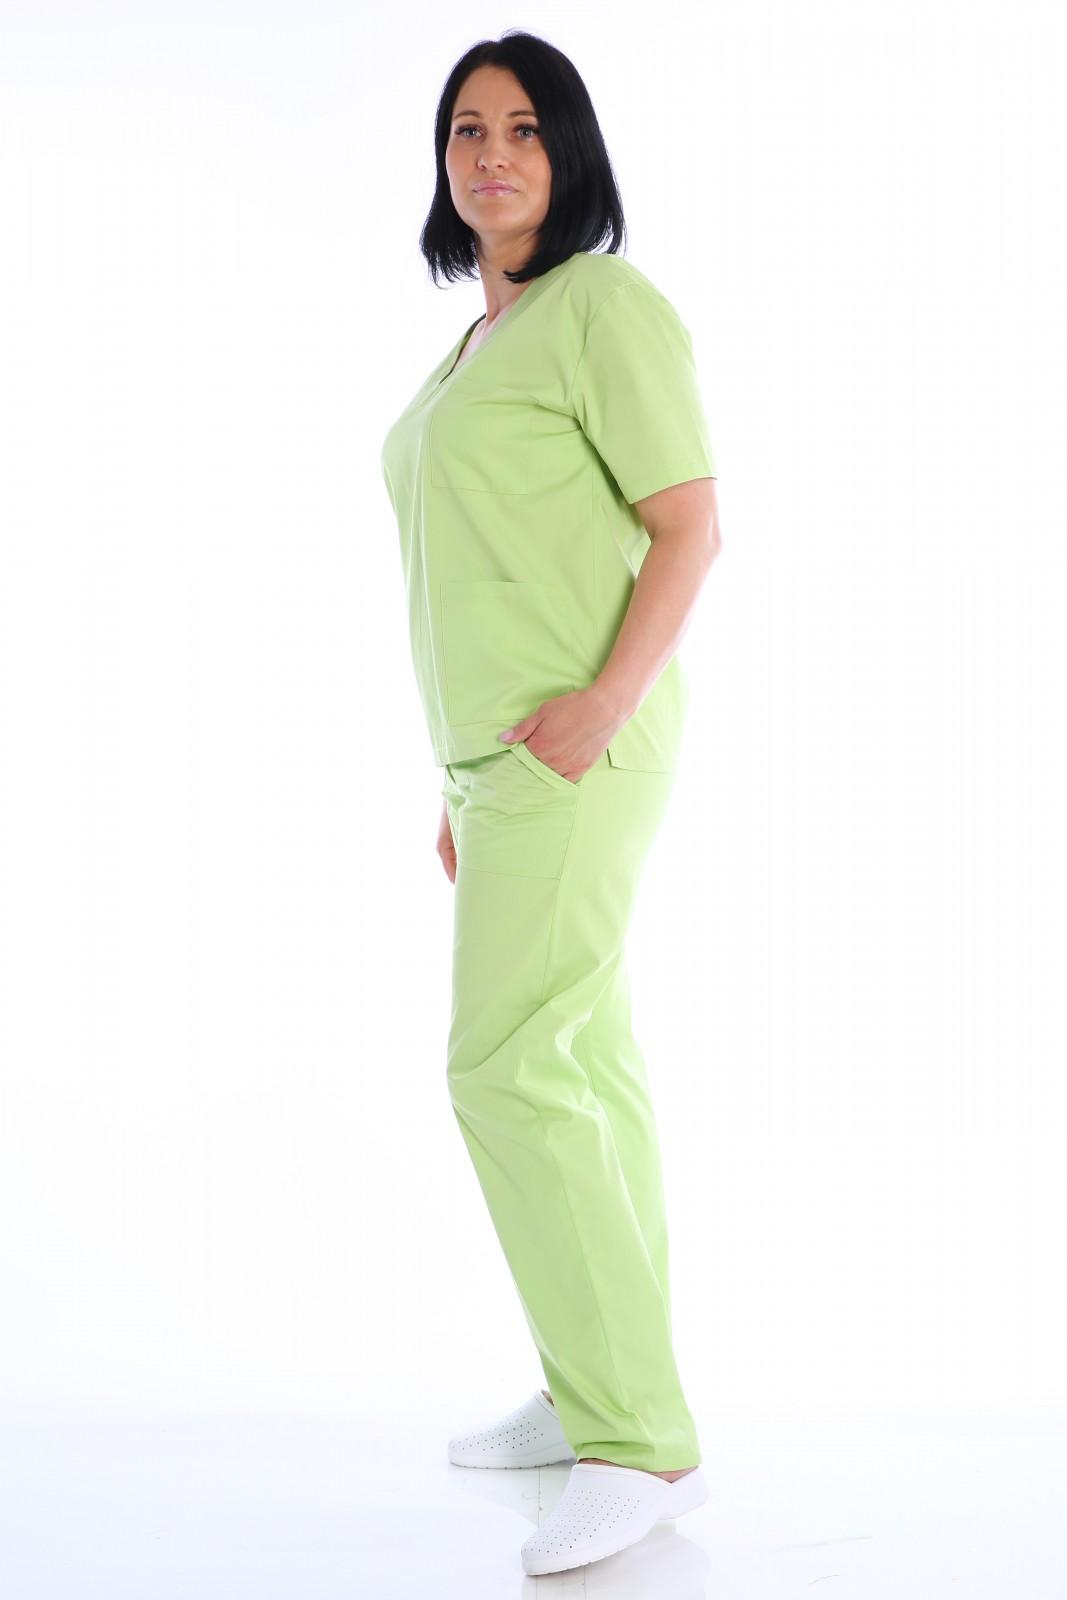 uniforma medicala verde lime